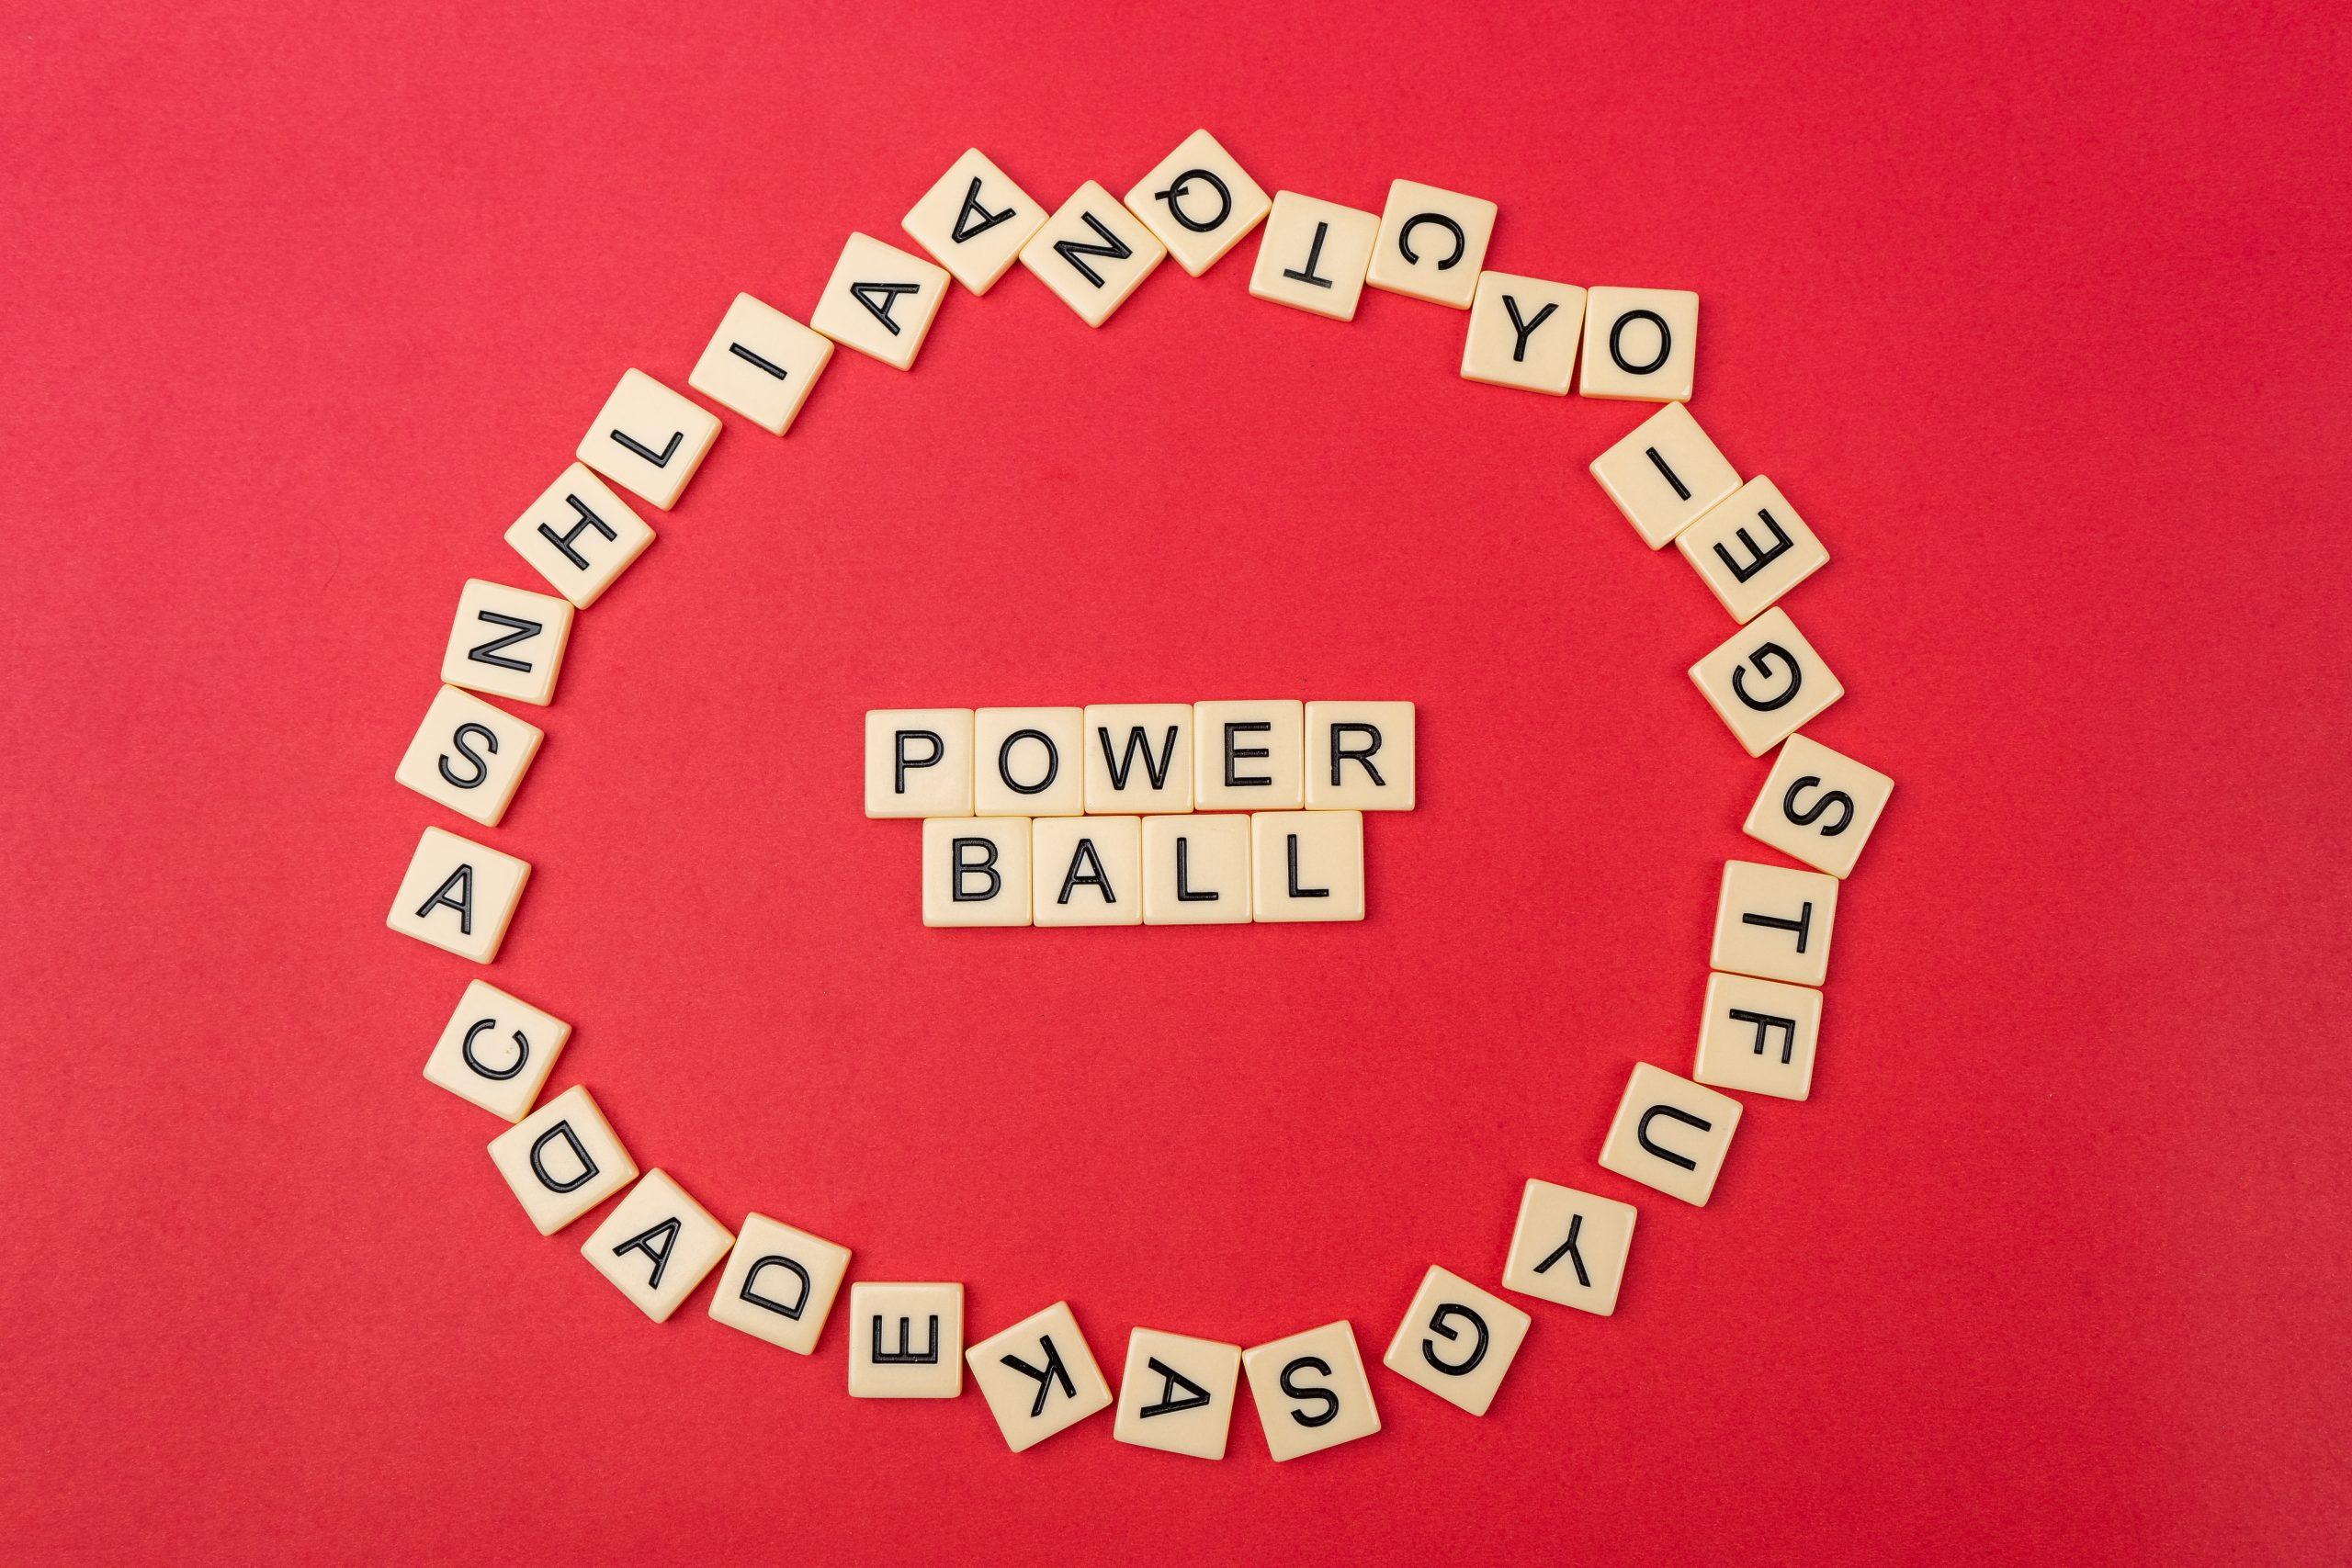 Power ball written on scrabble